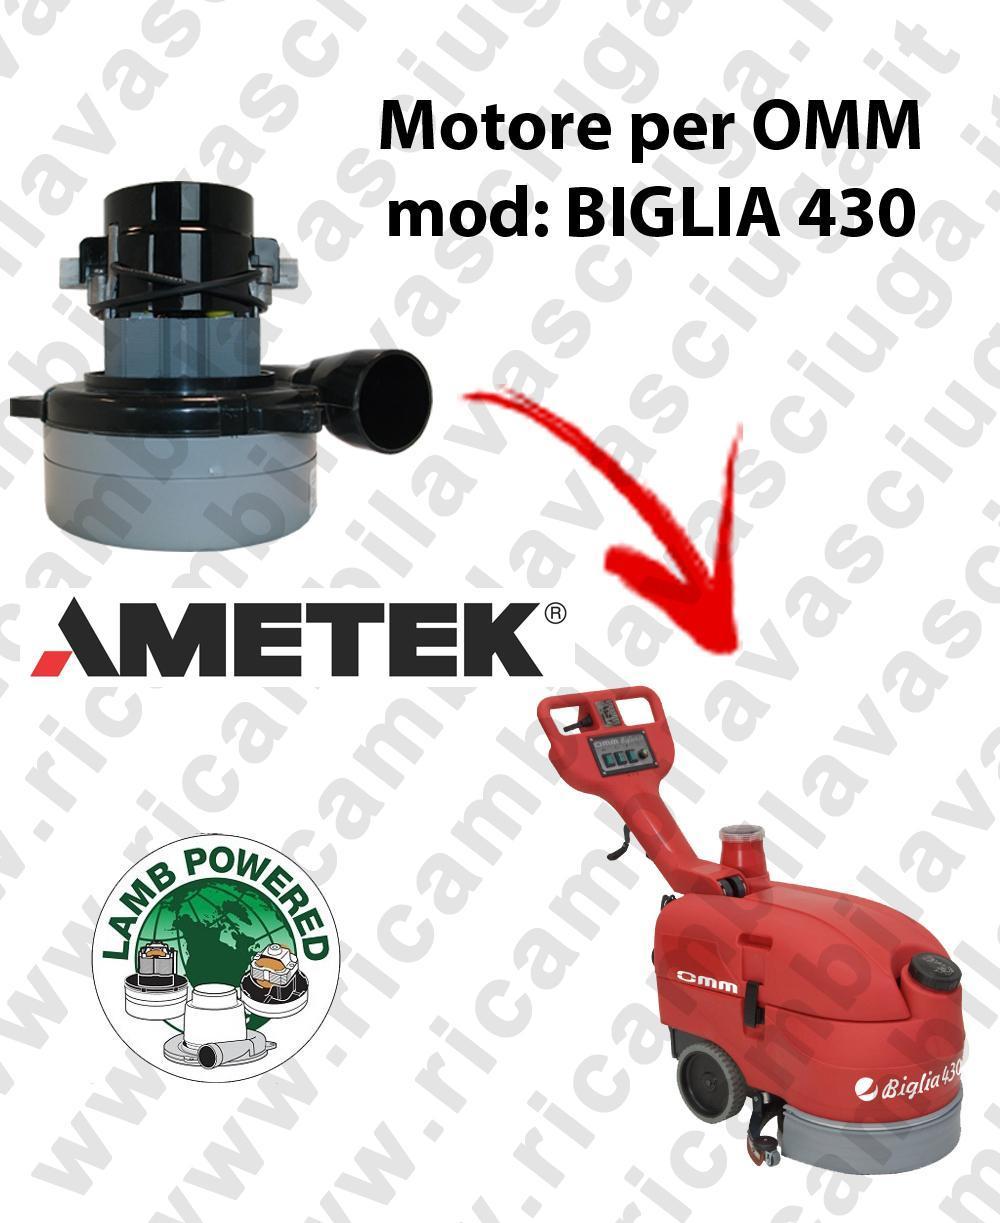 BIGLIA 430 Saugmotor LAMB AMETEK für scheuersaugmaschinen OMM